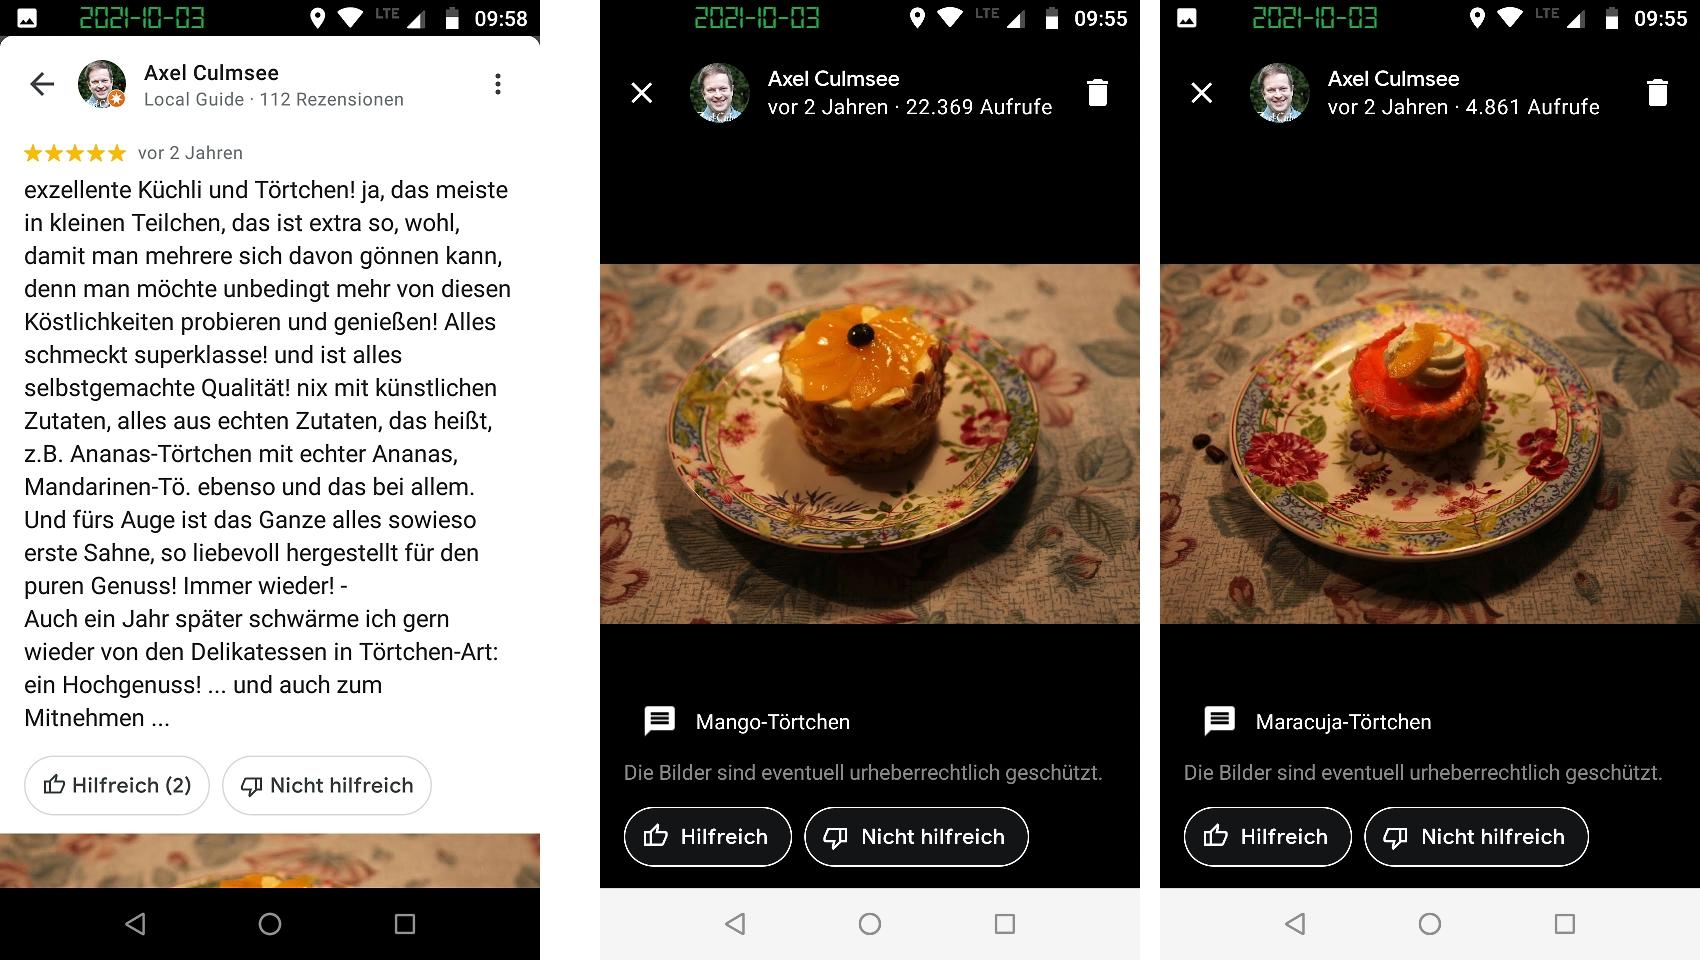 Local Guide 1k views review Cafe Schneider September 2021 mit Fotos Mango- und Maracuja-Toertchen